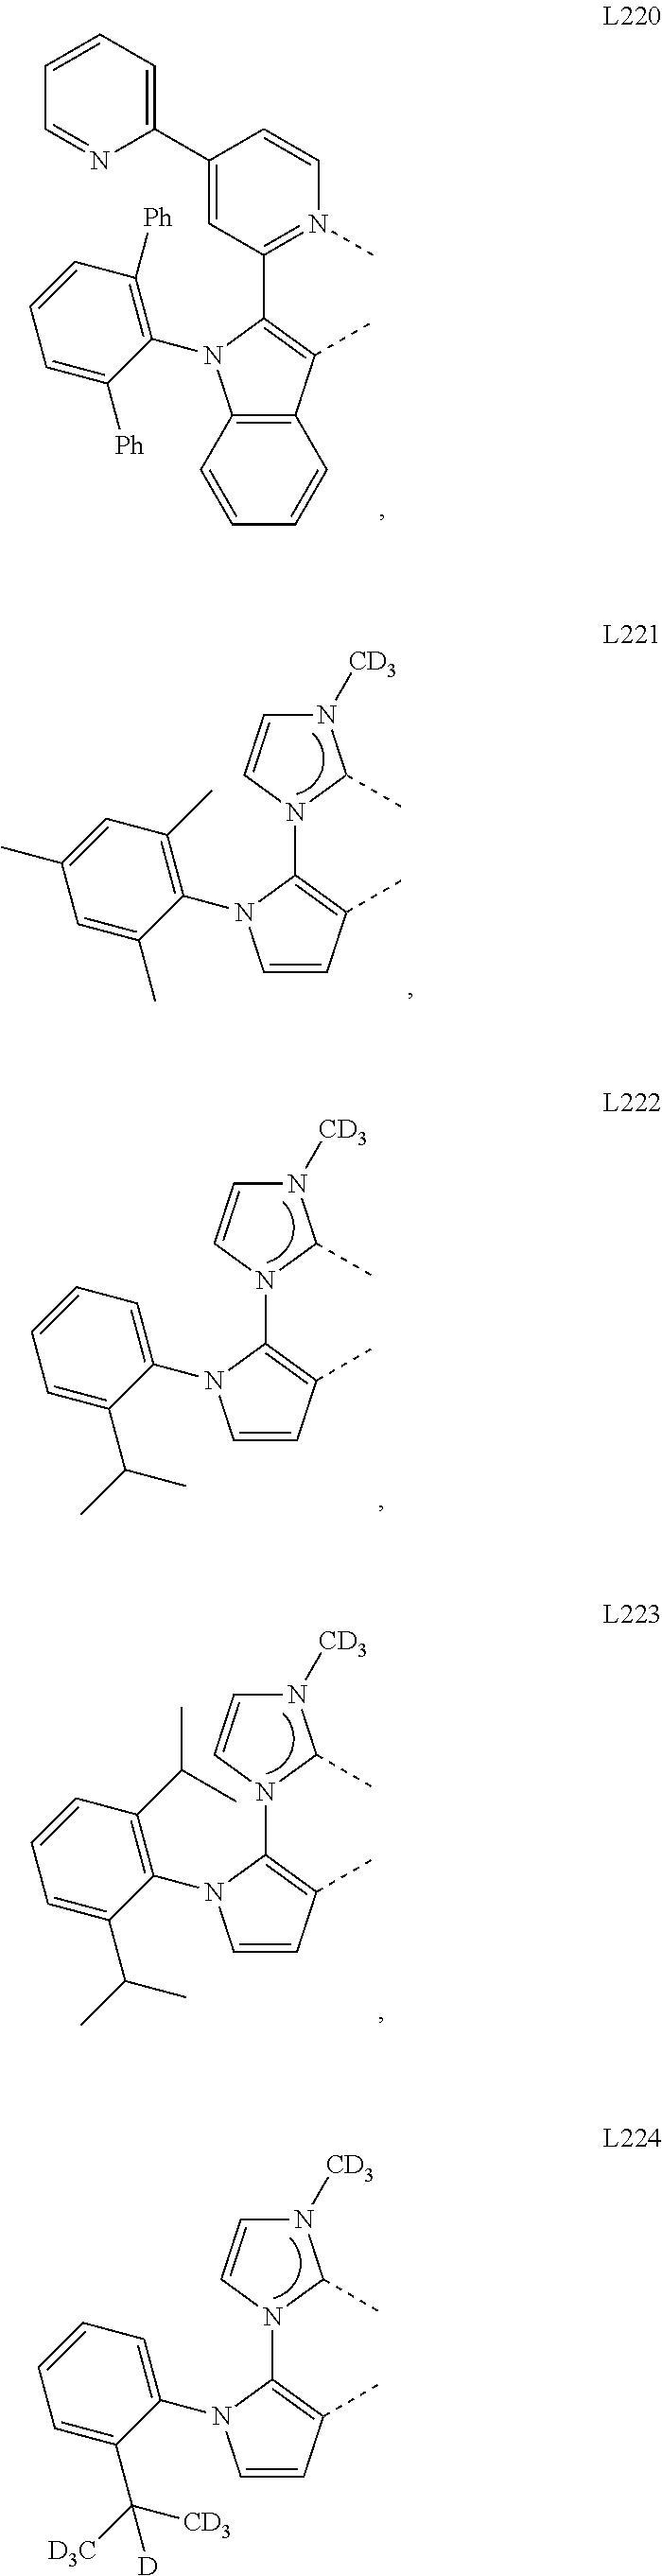 Figure US09935277-20180403-C00050